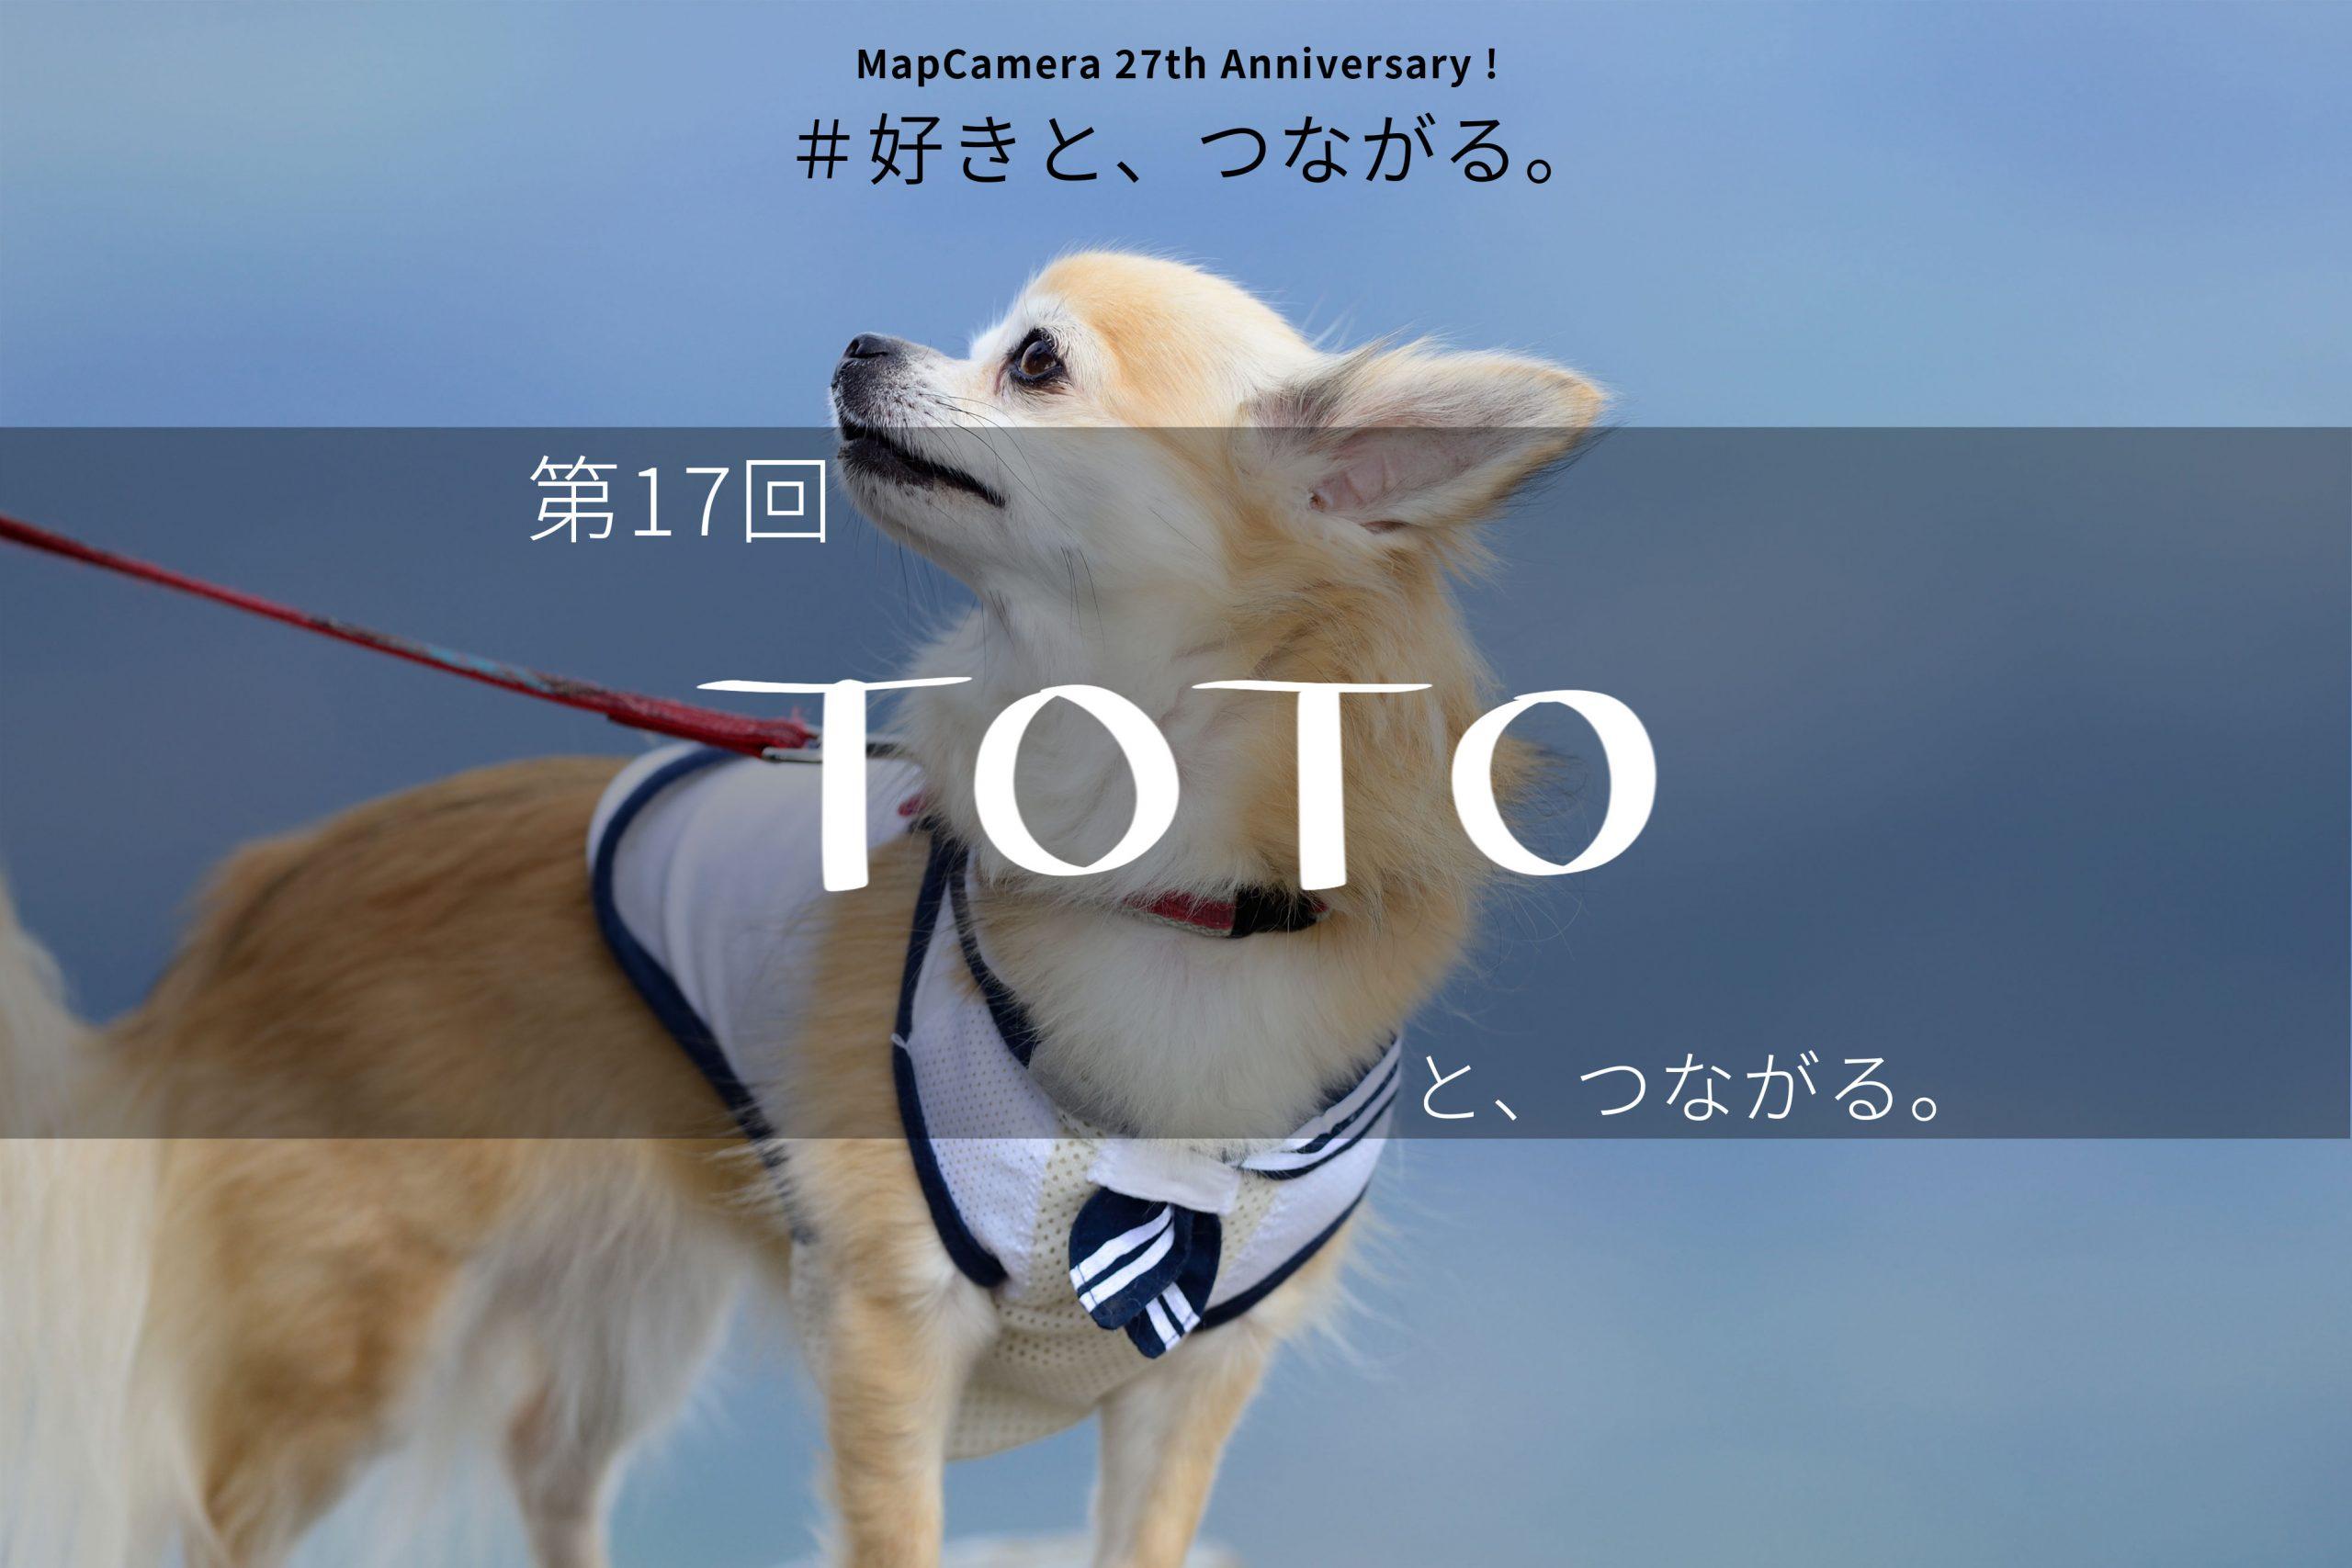 TOTOと、つながる